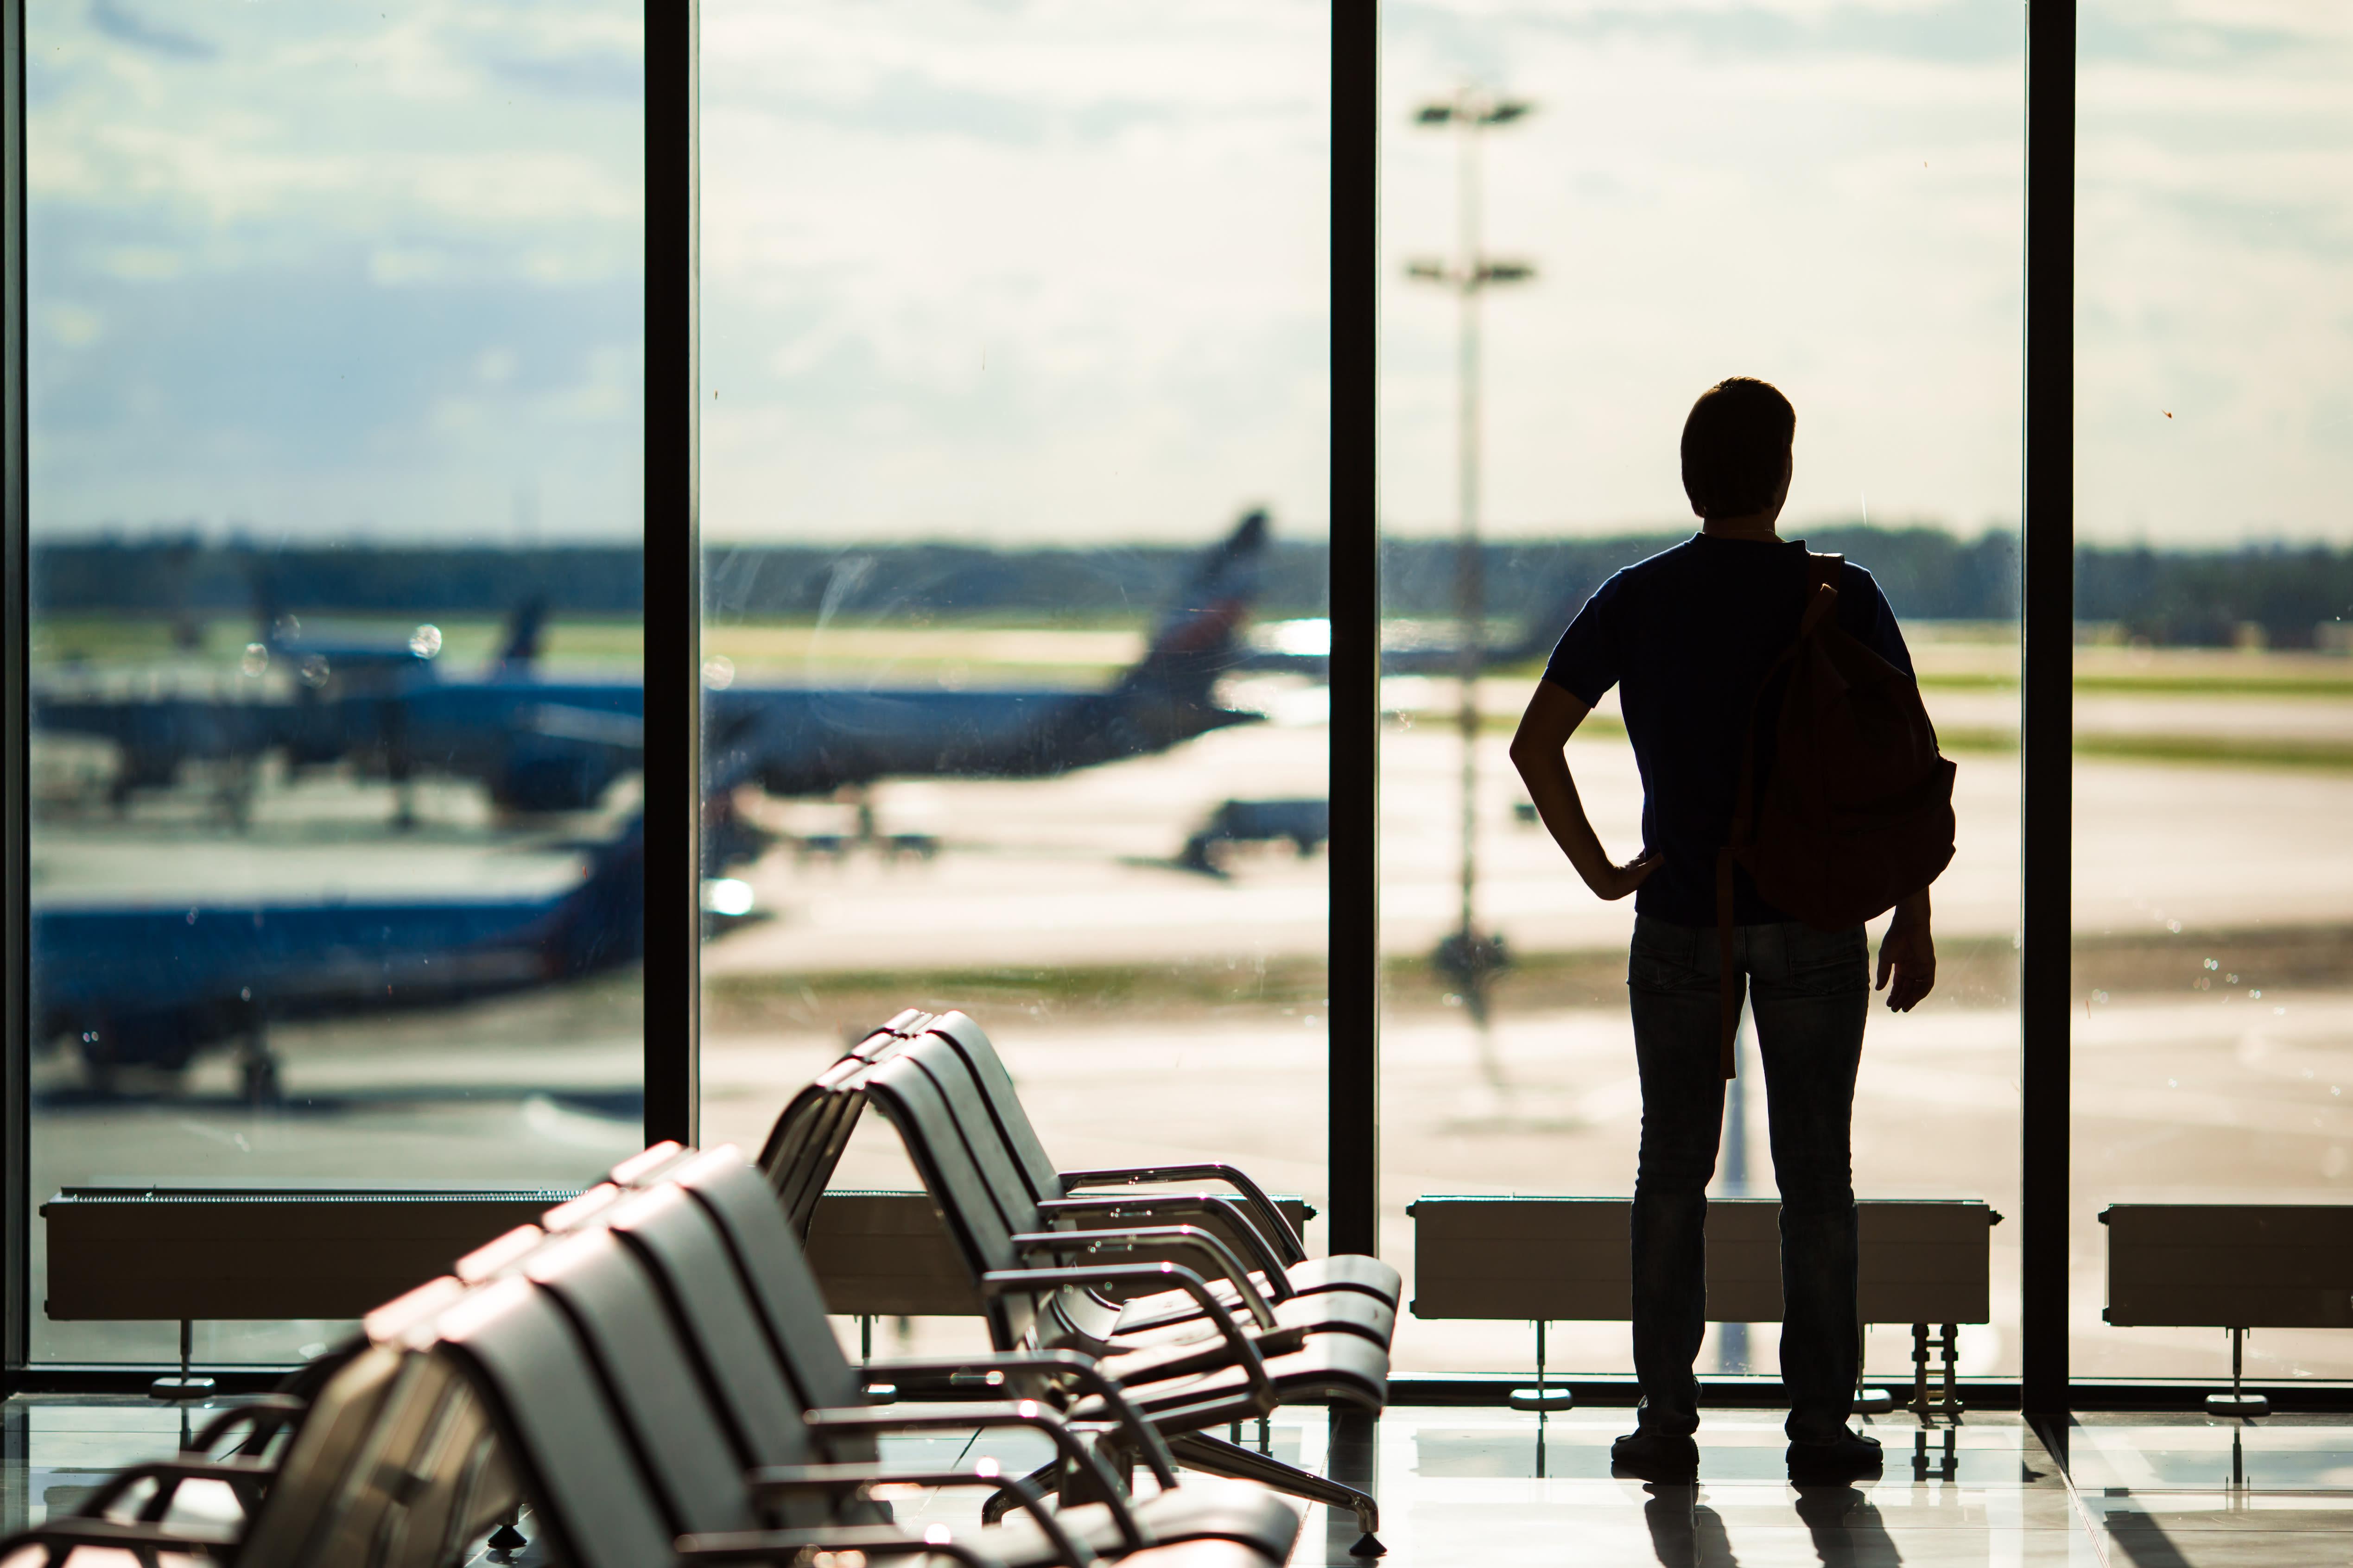 Man op een vliegveld, kijkend uit het raam naar vliegtuigen